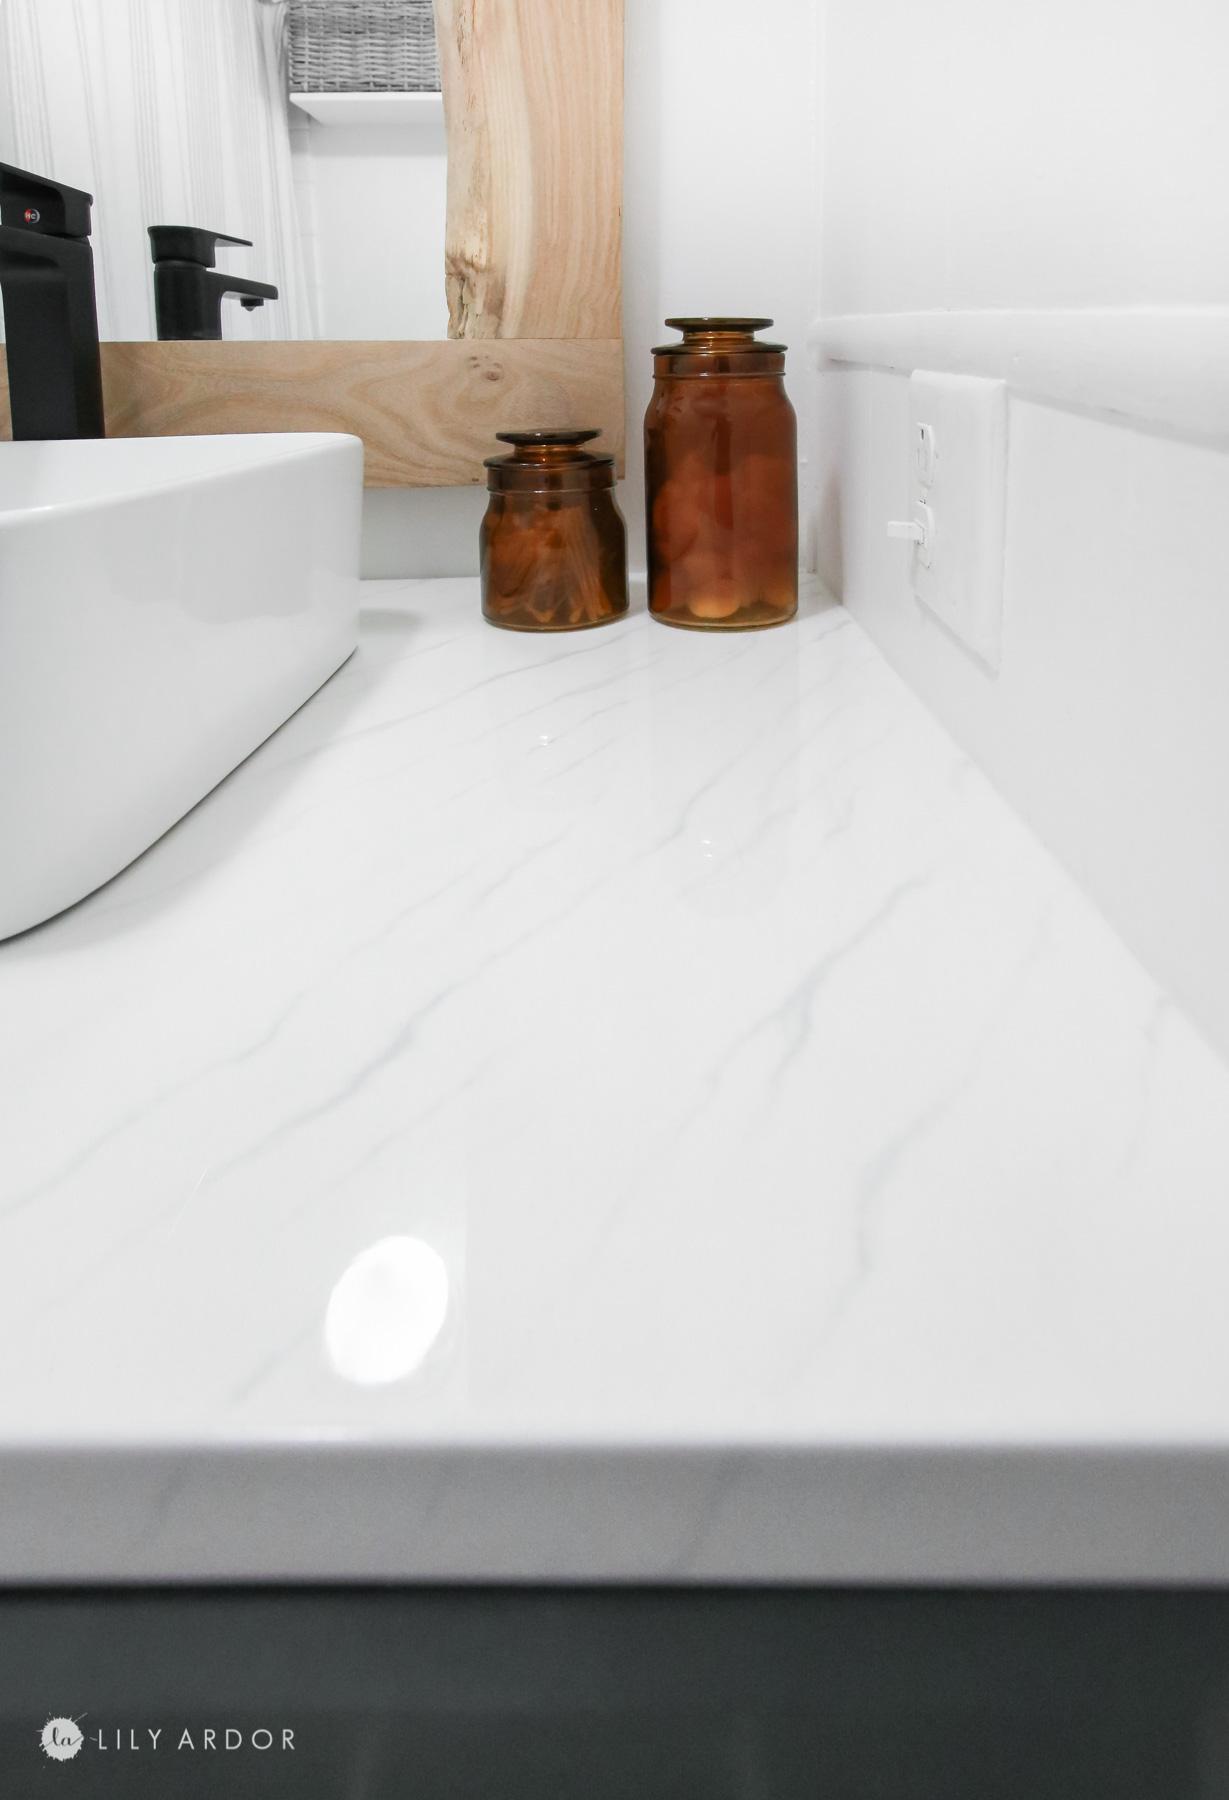 DIY Resin Marble countertop